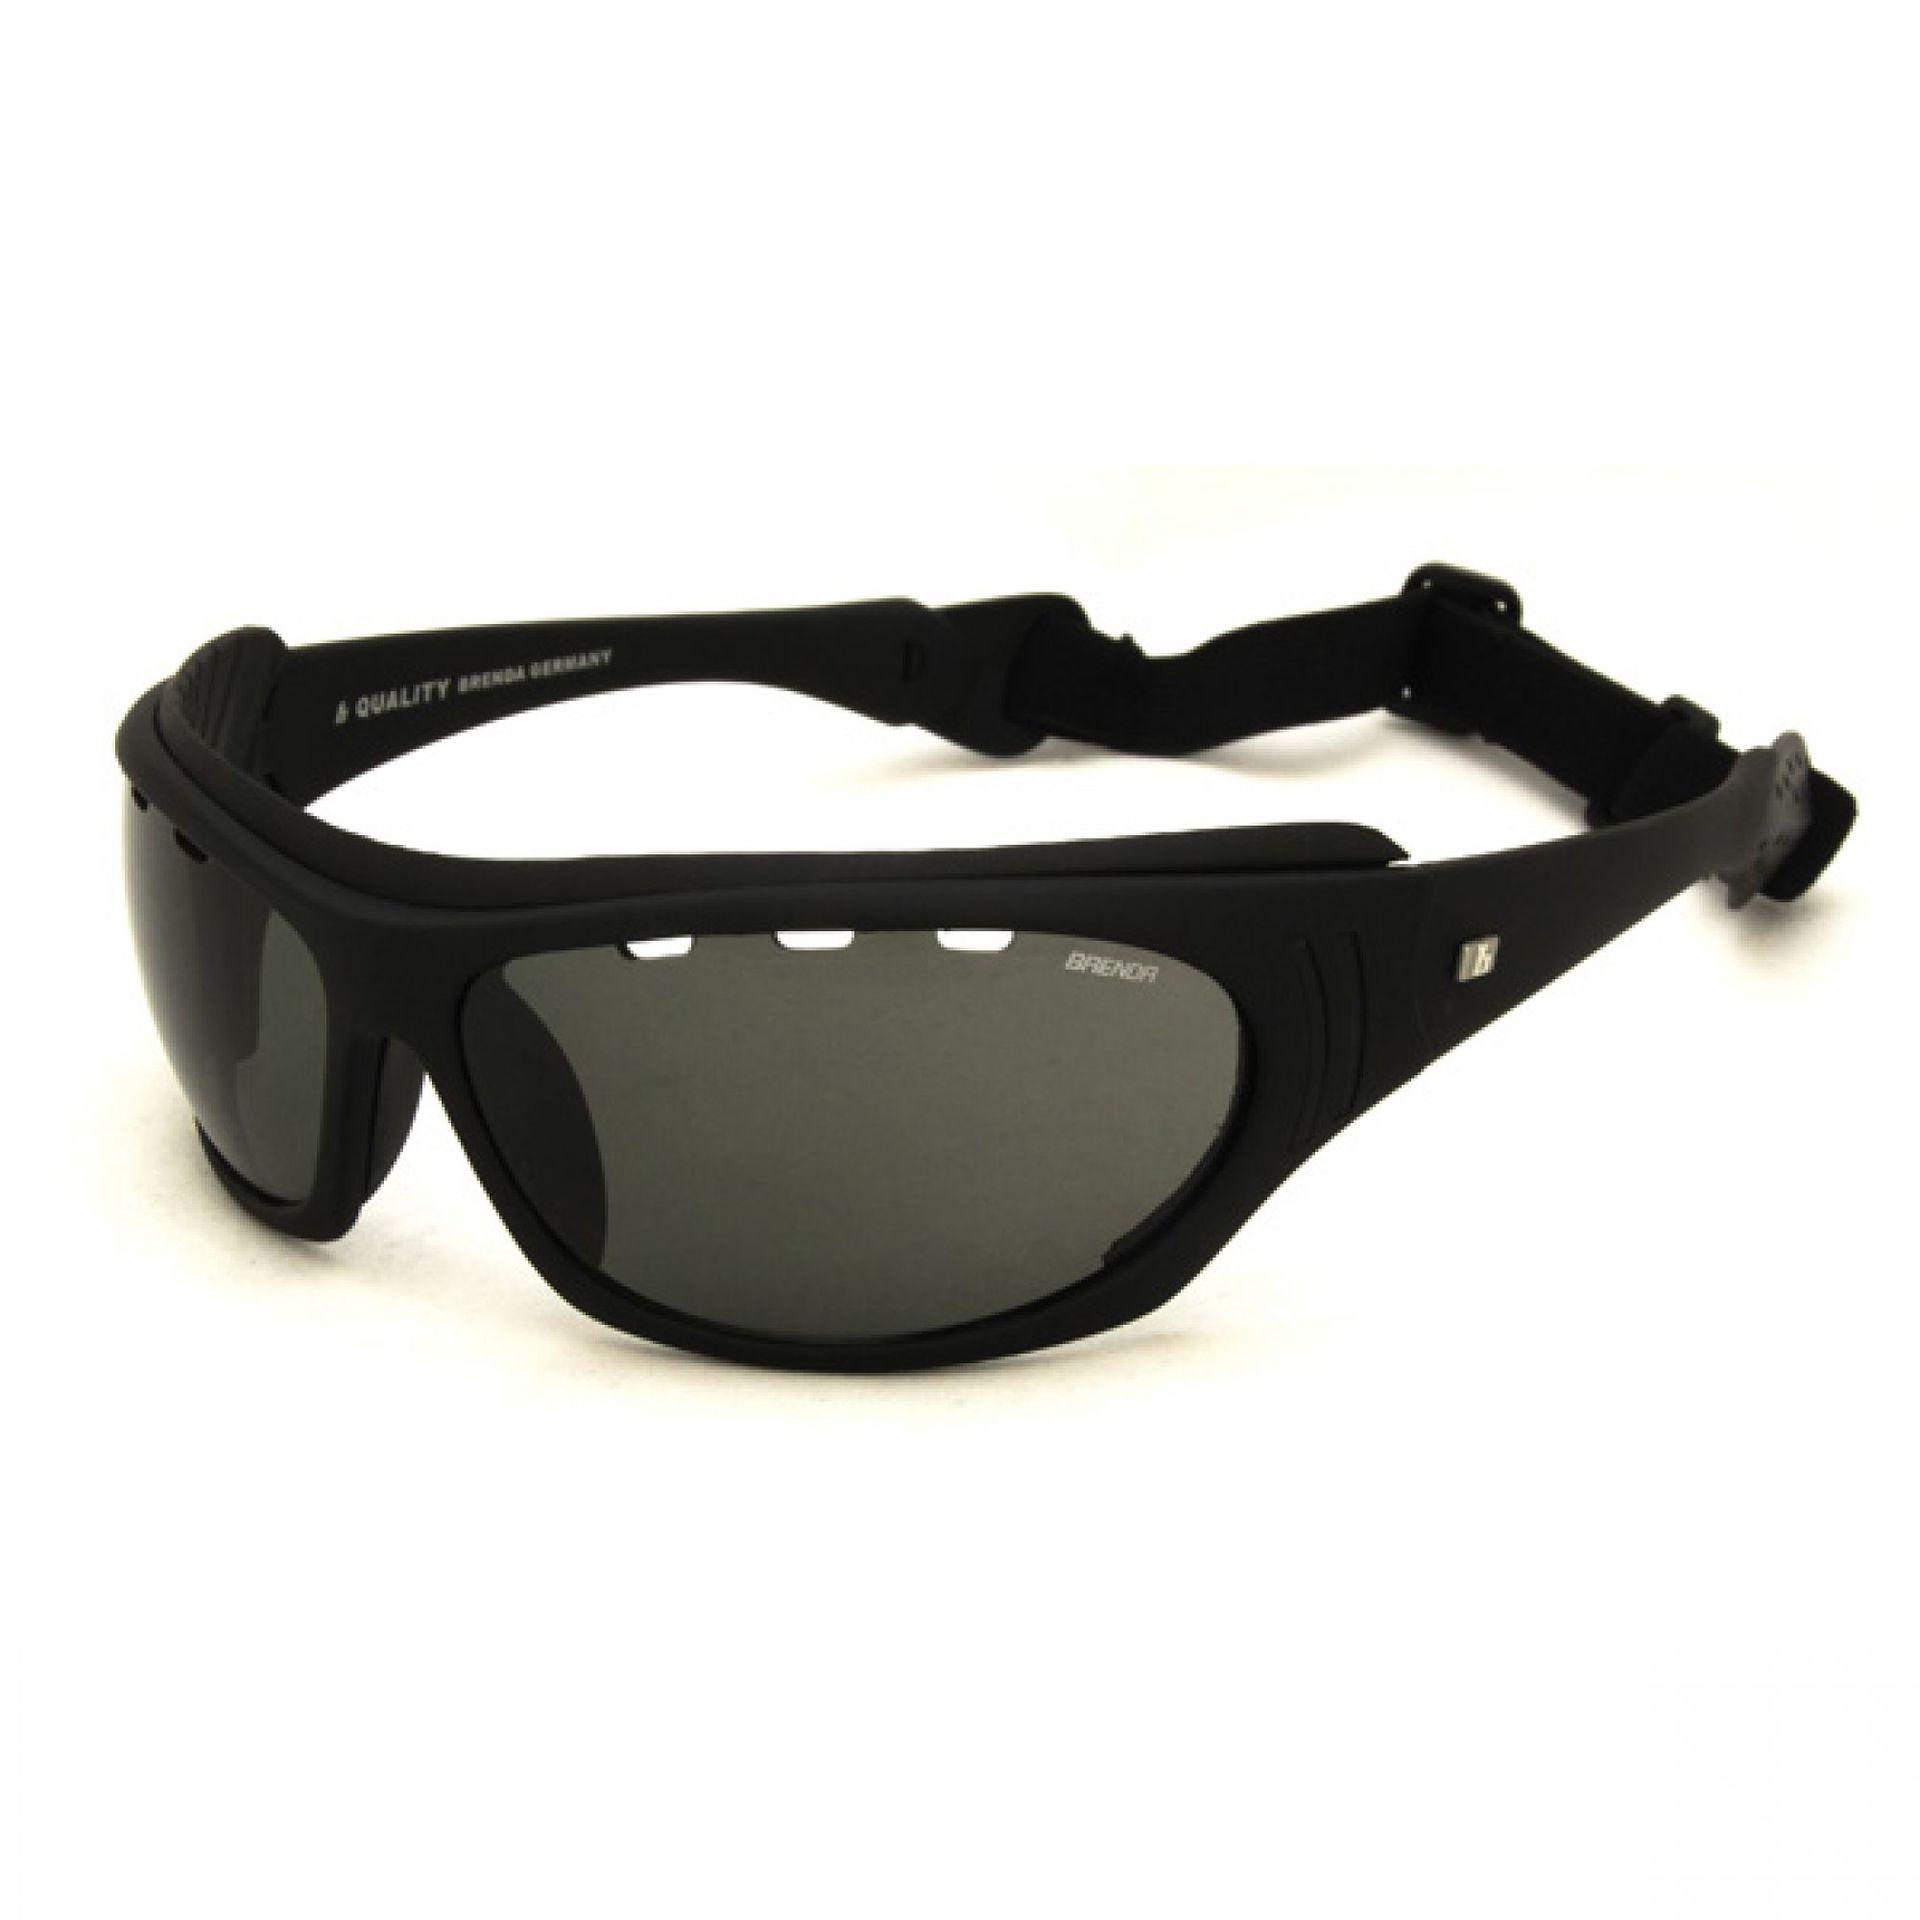 Okulary przeciwsłoneczne Brenda G3125 Cristek